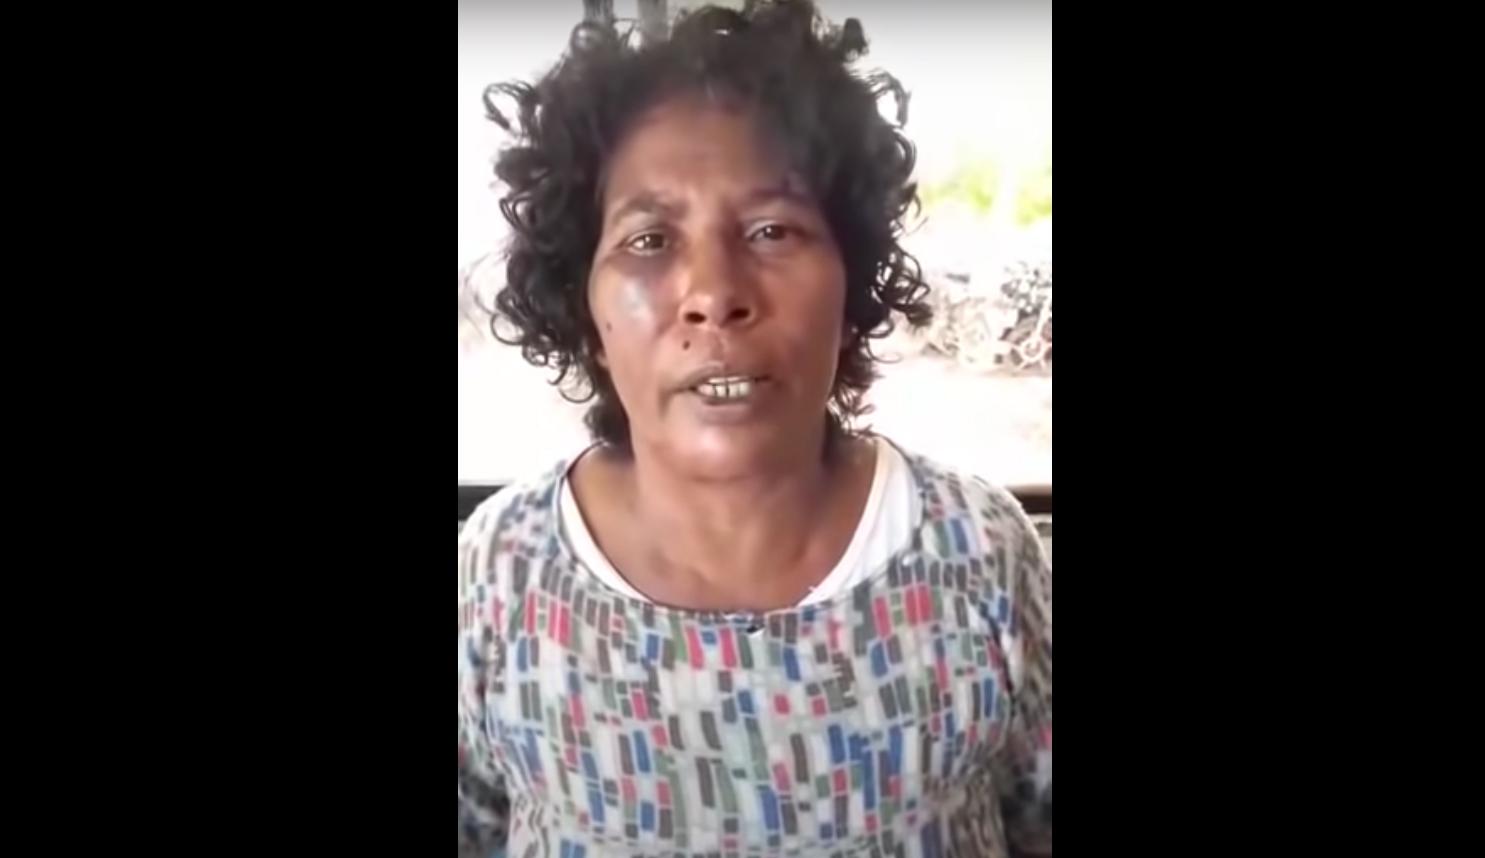 Inquérito sobre famílias agredidas pelo MST na Bahia segue sem desfecho após seis meses